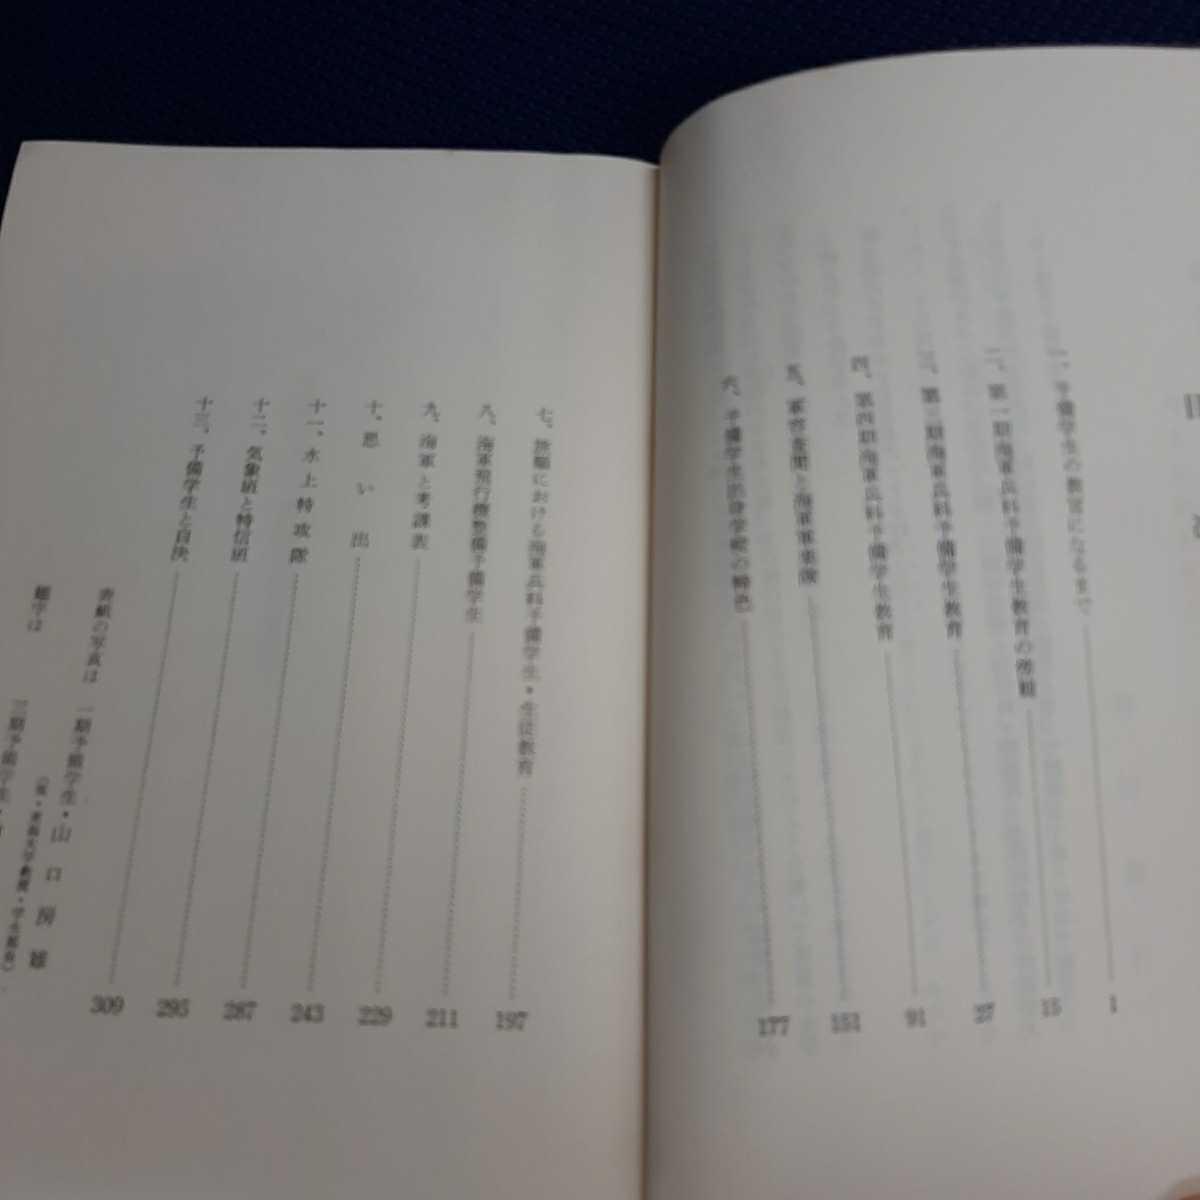 絶版 ああ海軍予備学生 日本海軍 特攻隊 津村敏行 震洋 太平洋戦争 旅順 満州 日本軍 _画像5